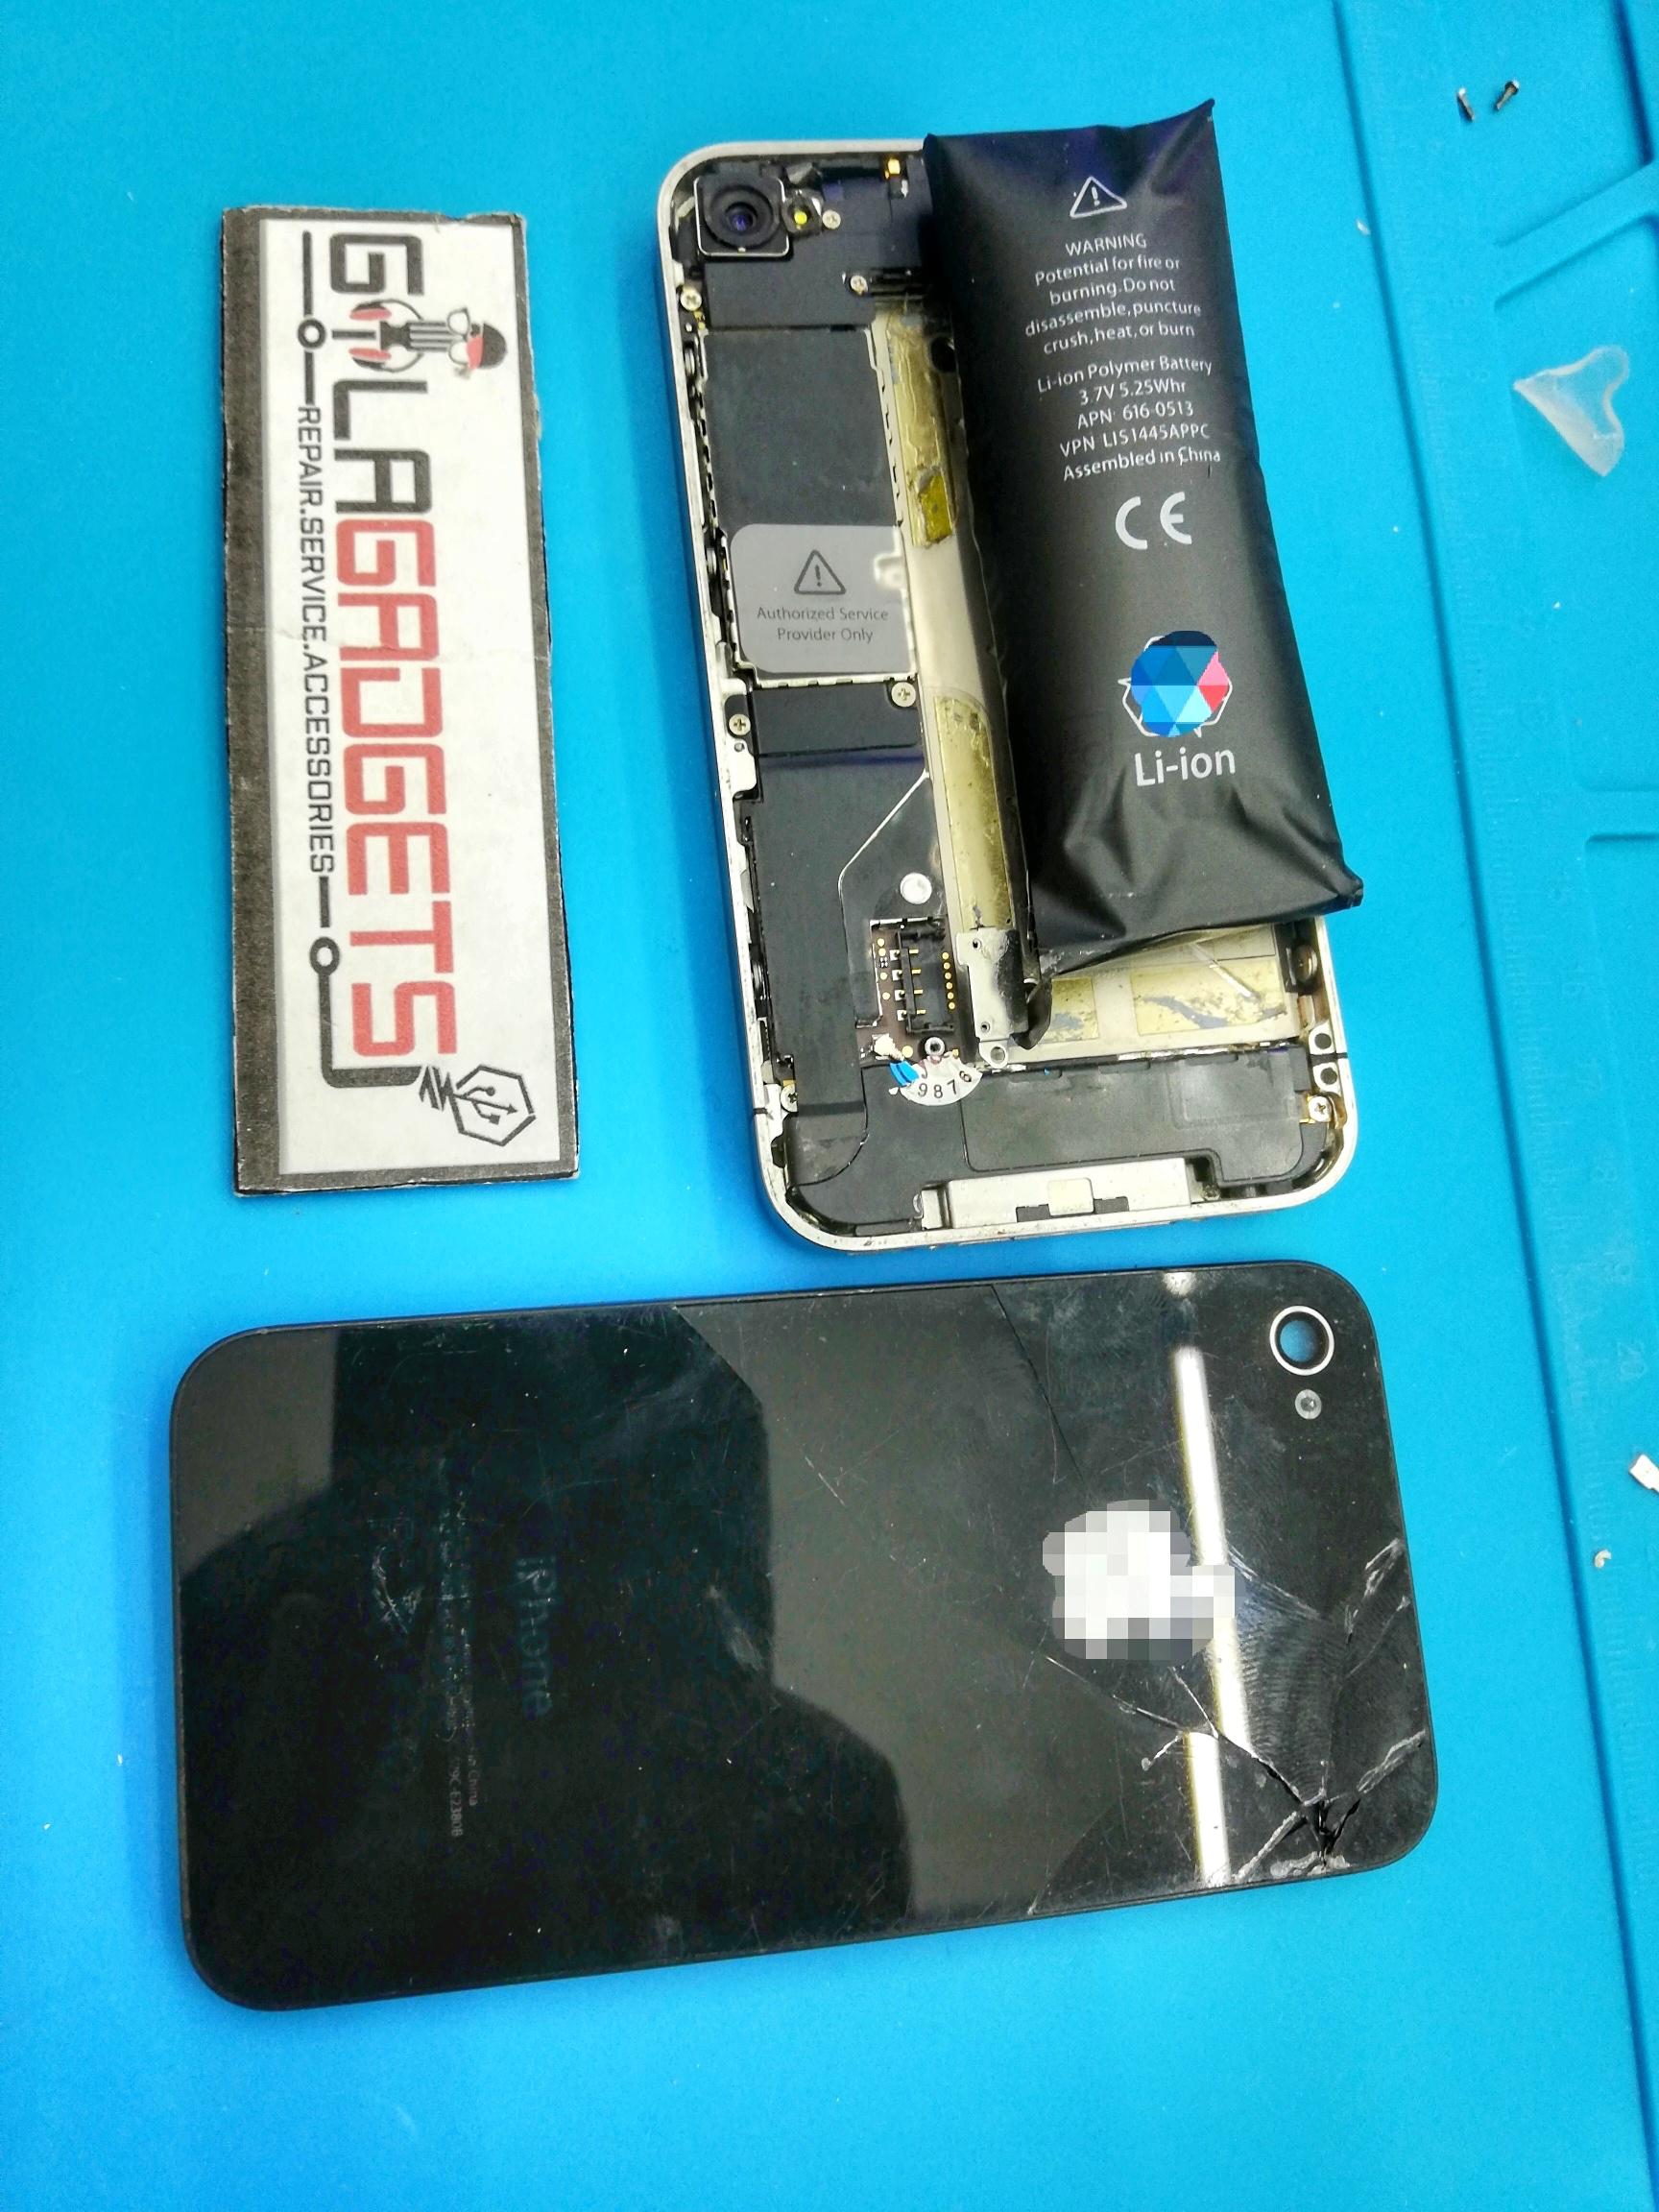 Bateri Kembung iPhone 4 – Senawang